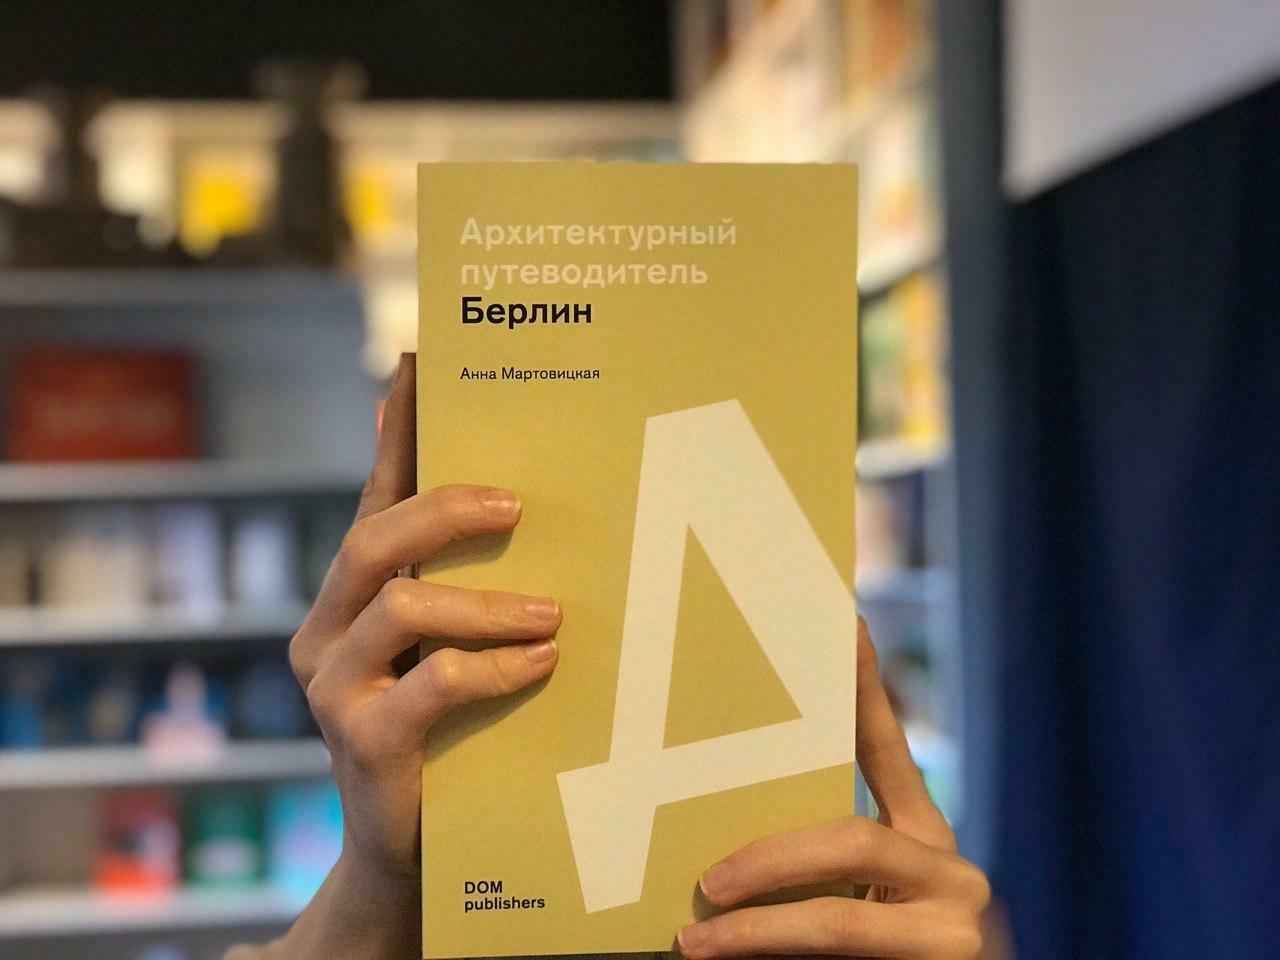 Берлин. Архитектурный путеводитель (русский)